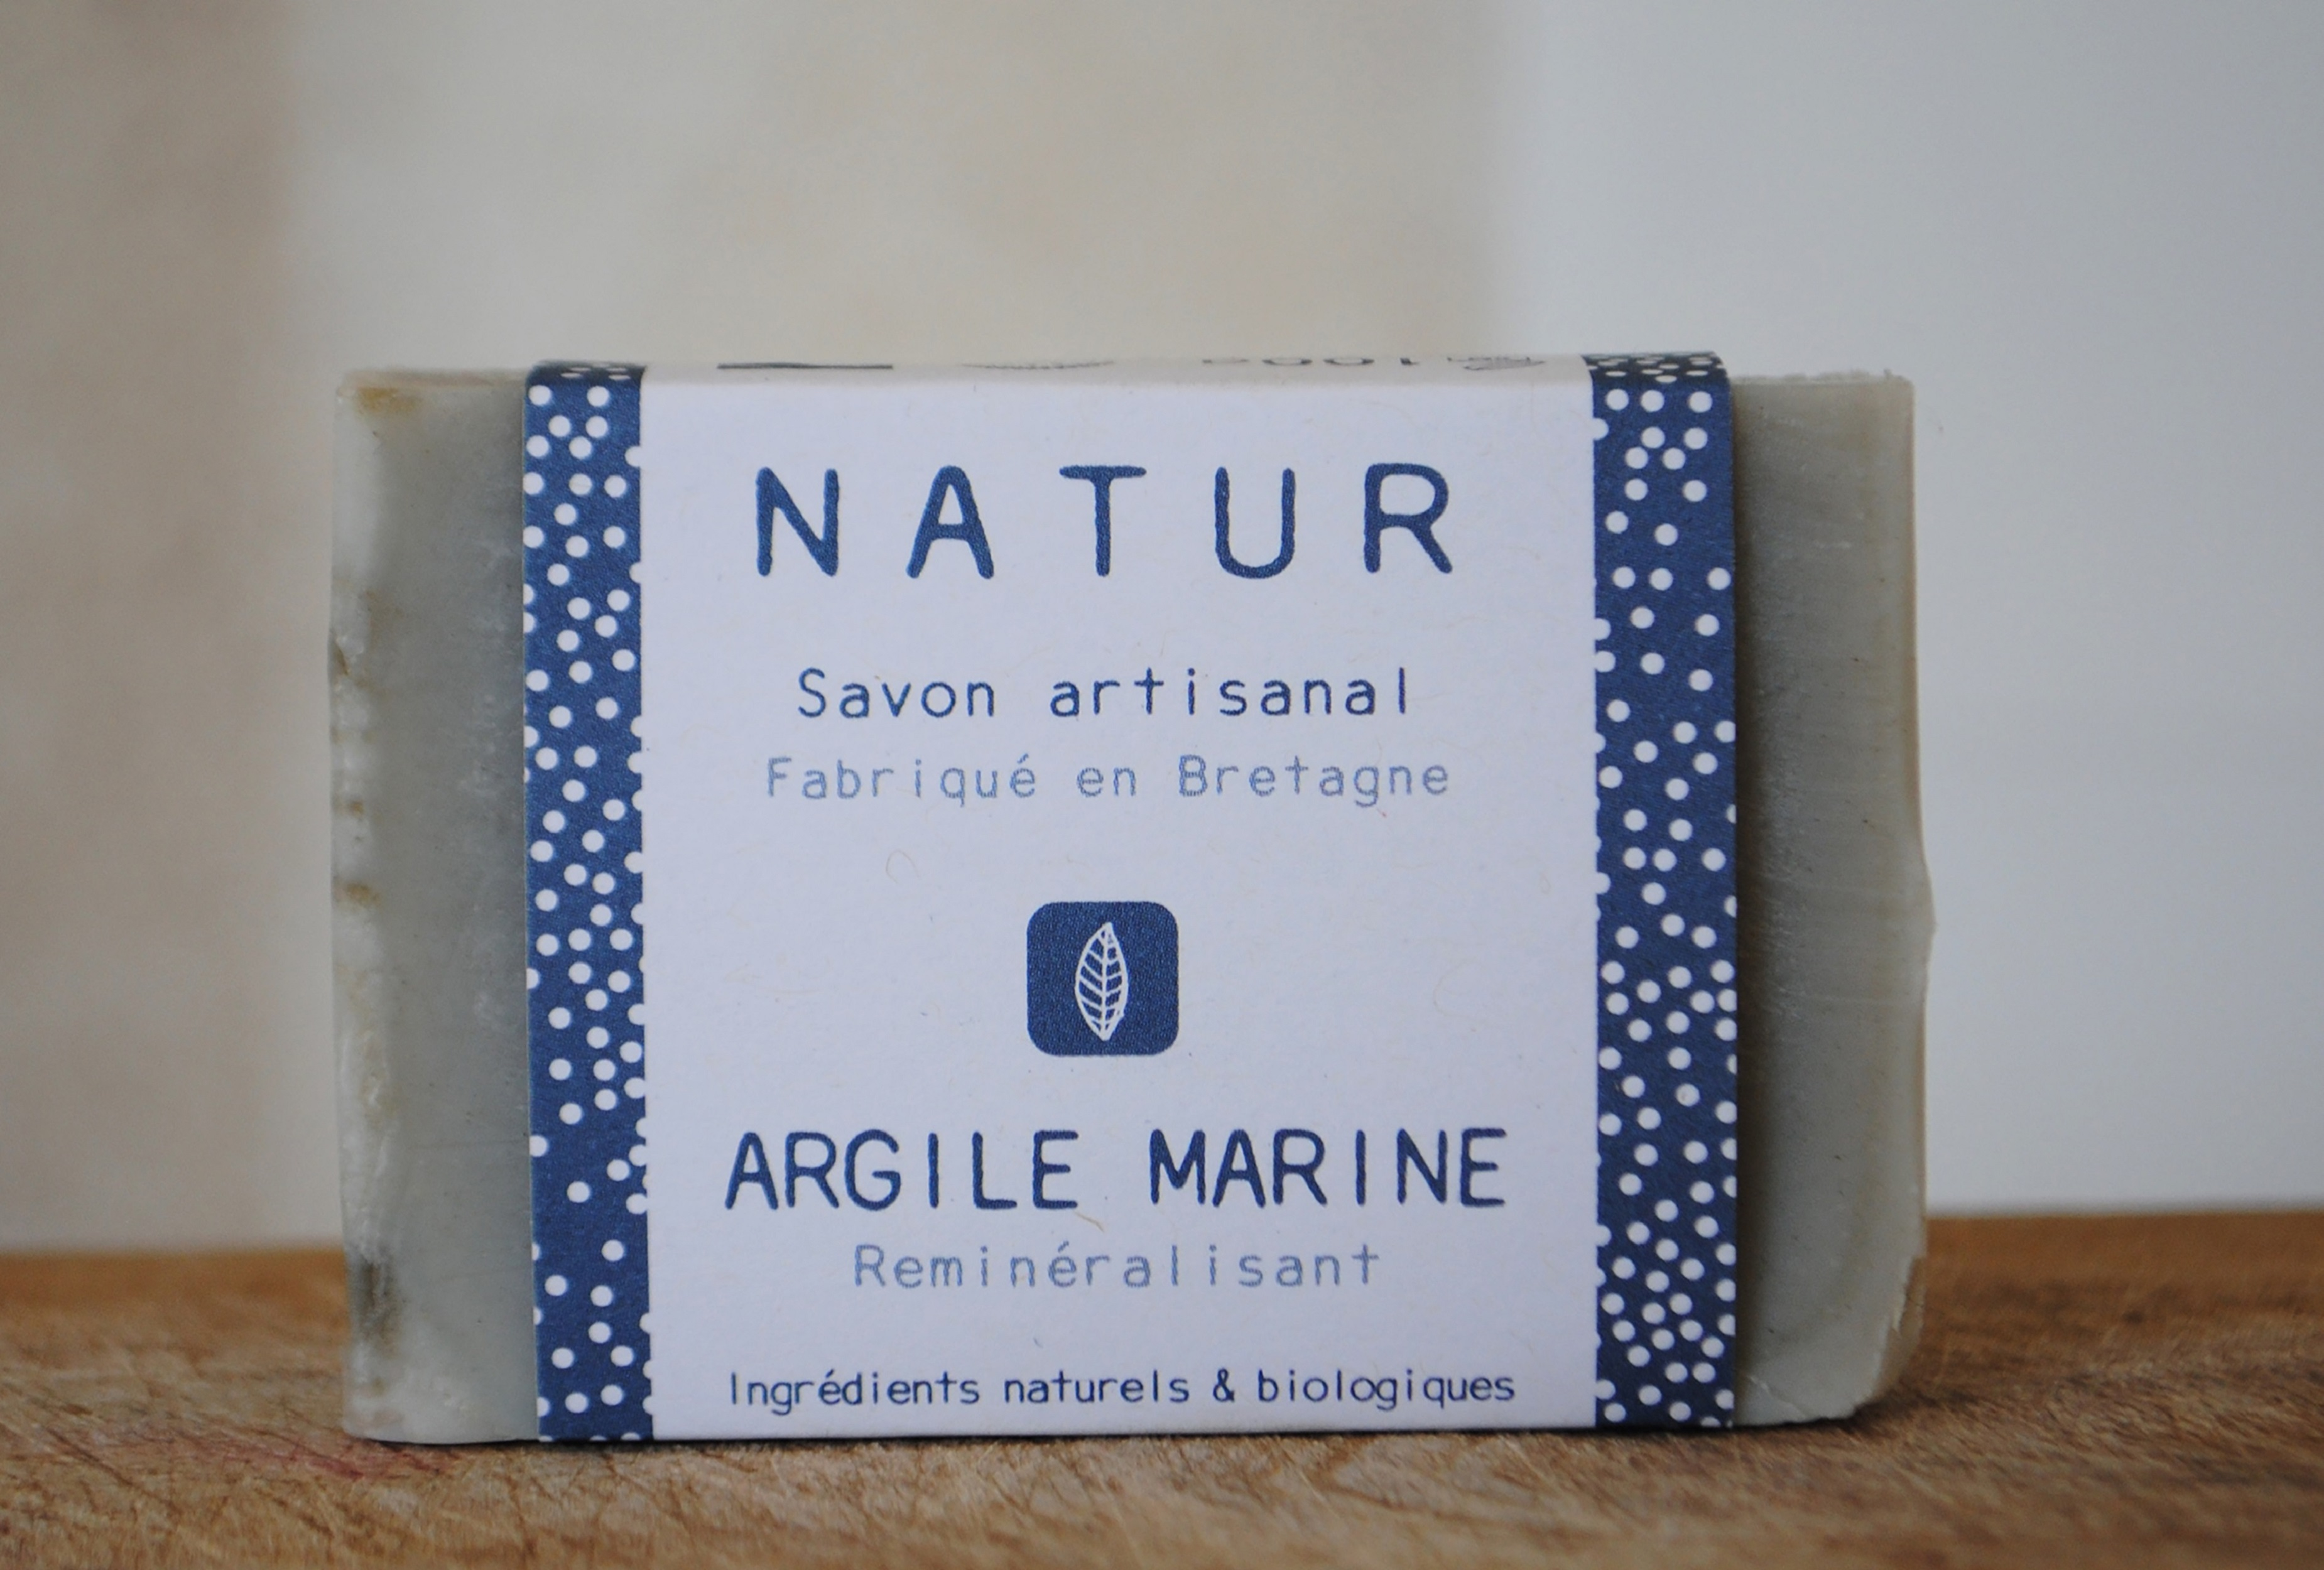 Savon à l'argile marine – Reminéralisant saponification à froid saf savonnerie artisanale Bretagne Finistère